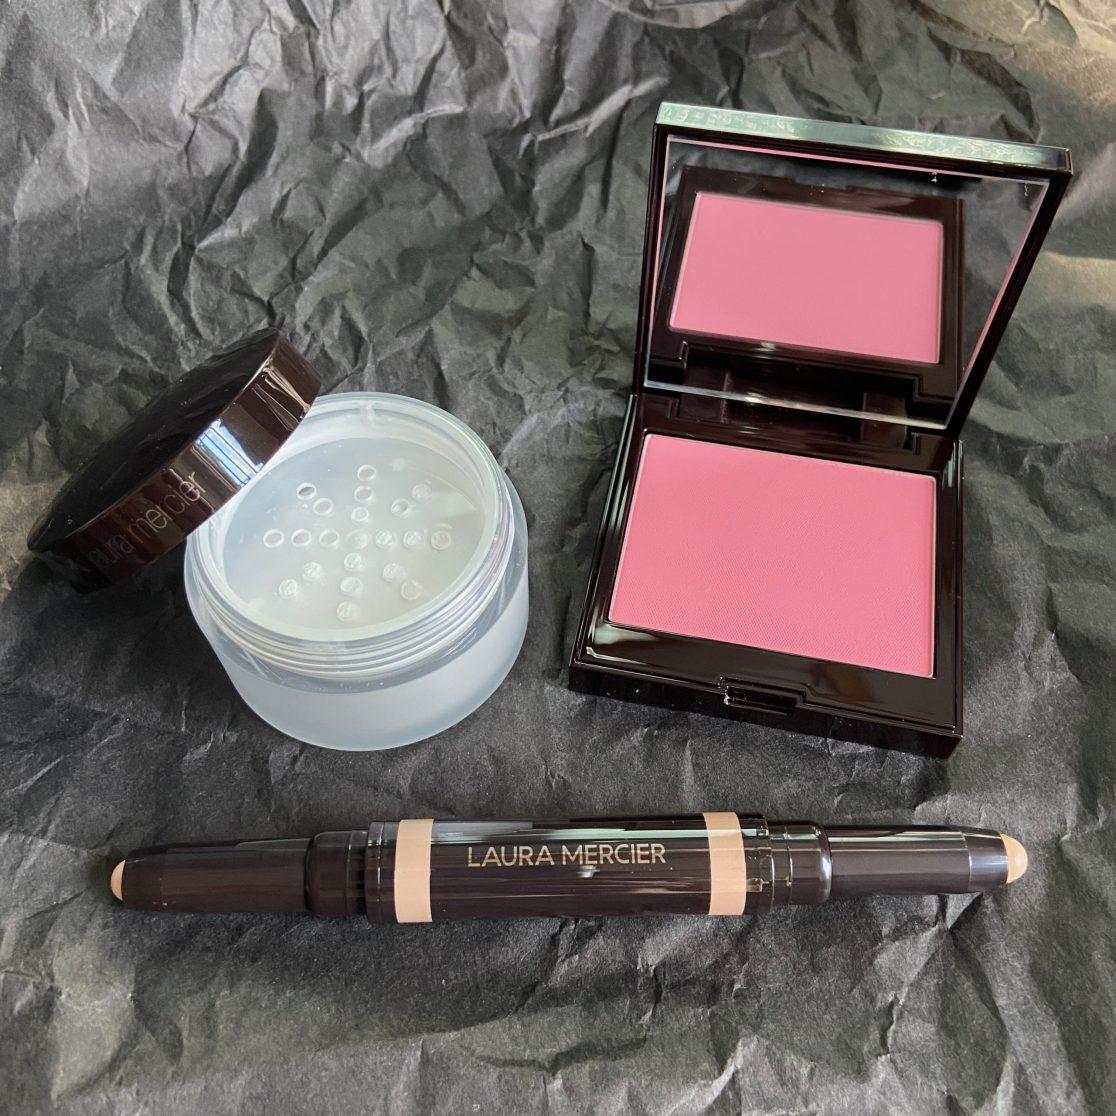 Brightening Powder, Blush, Concealer Duo